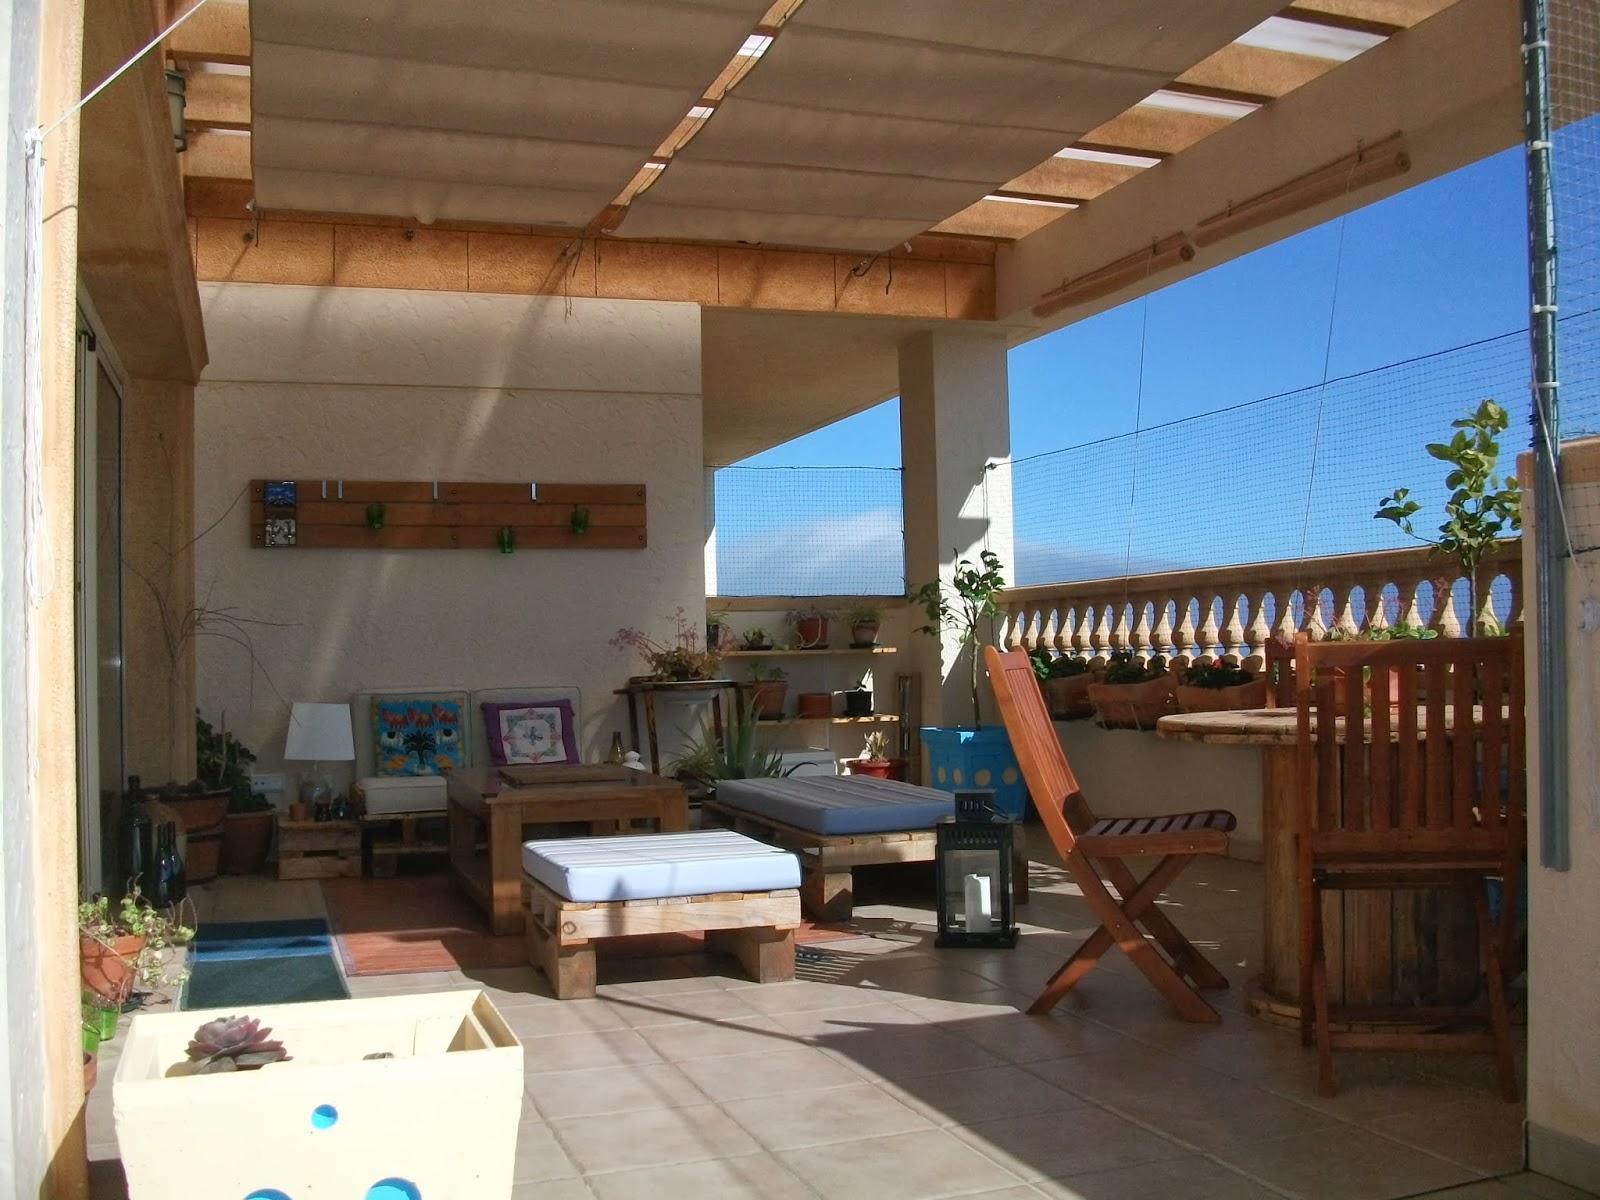 decodeliziosa: La terraza de Ana y Jose: creación y decoración low ...